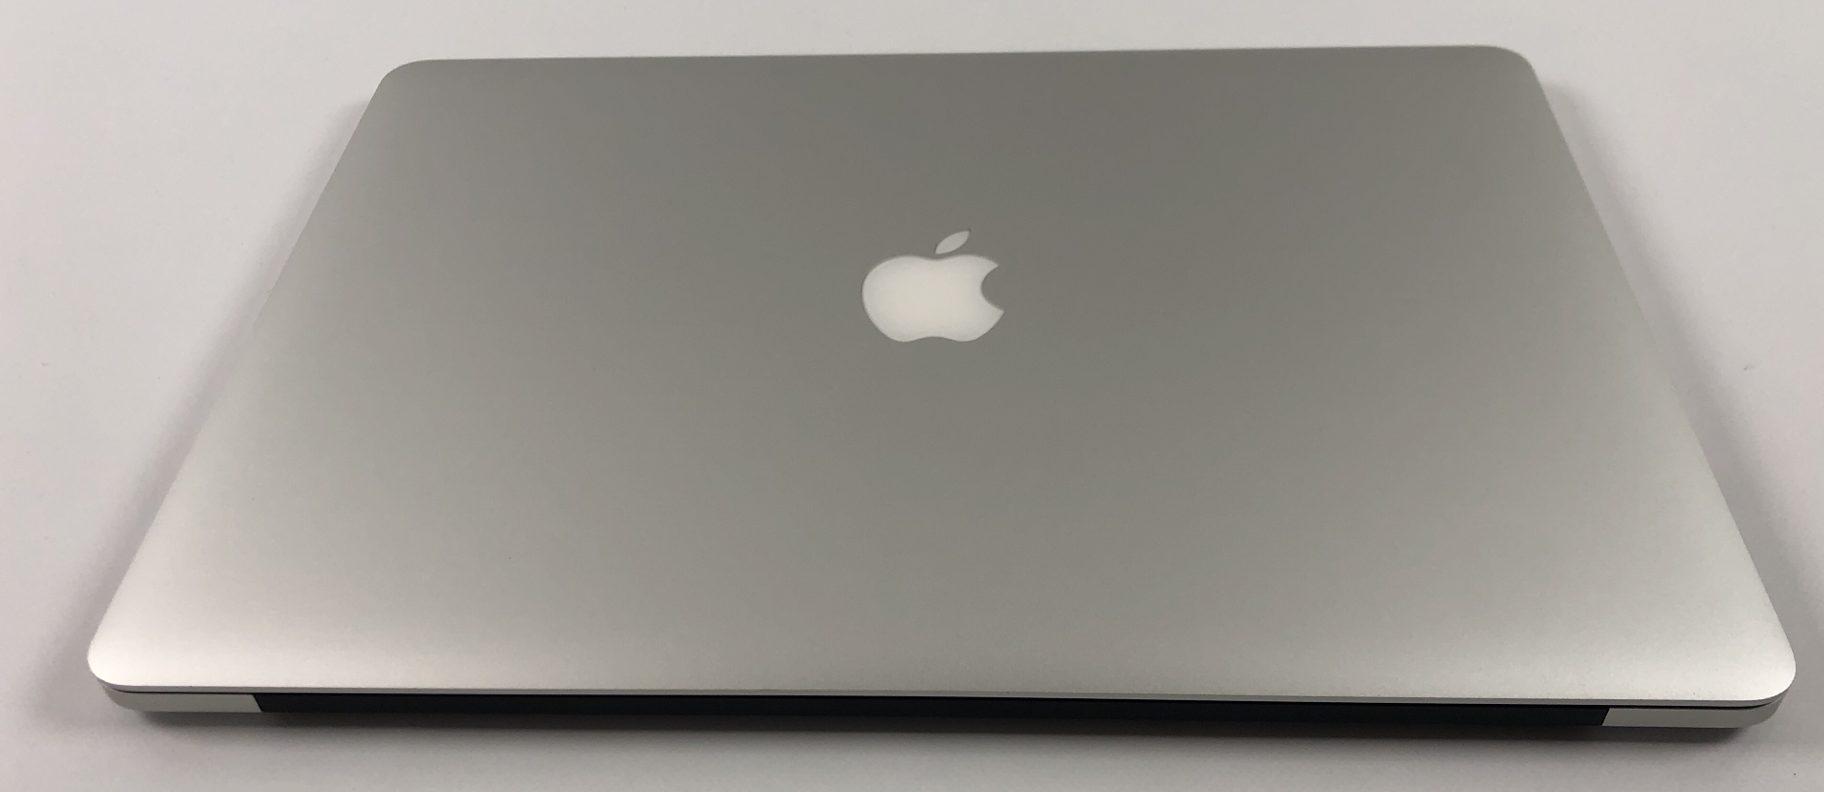 """MacBook Pro Retina 15"""" Mid 2015 (Intel Quad-Core i7 2.8 GHz 16 GB RAM 512 GB SSD), Intel Quad-Core i7 2.8 GHz, 16 GB RAM, 512 GB SSD, imagen 2"""